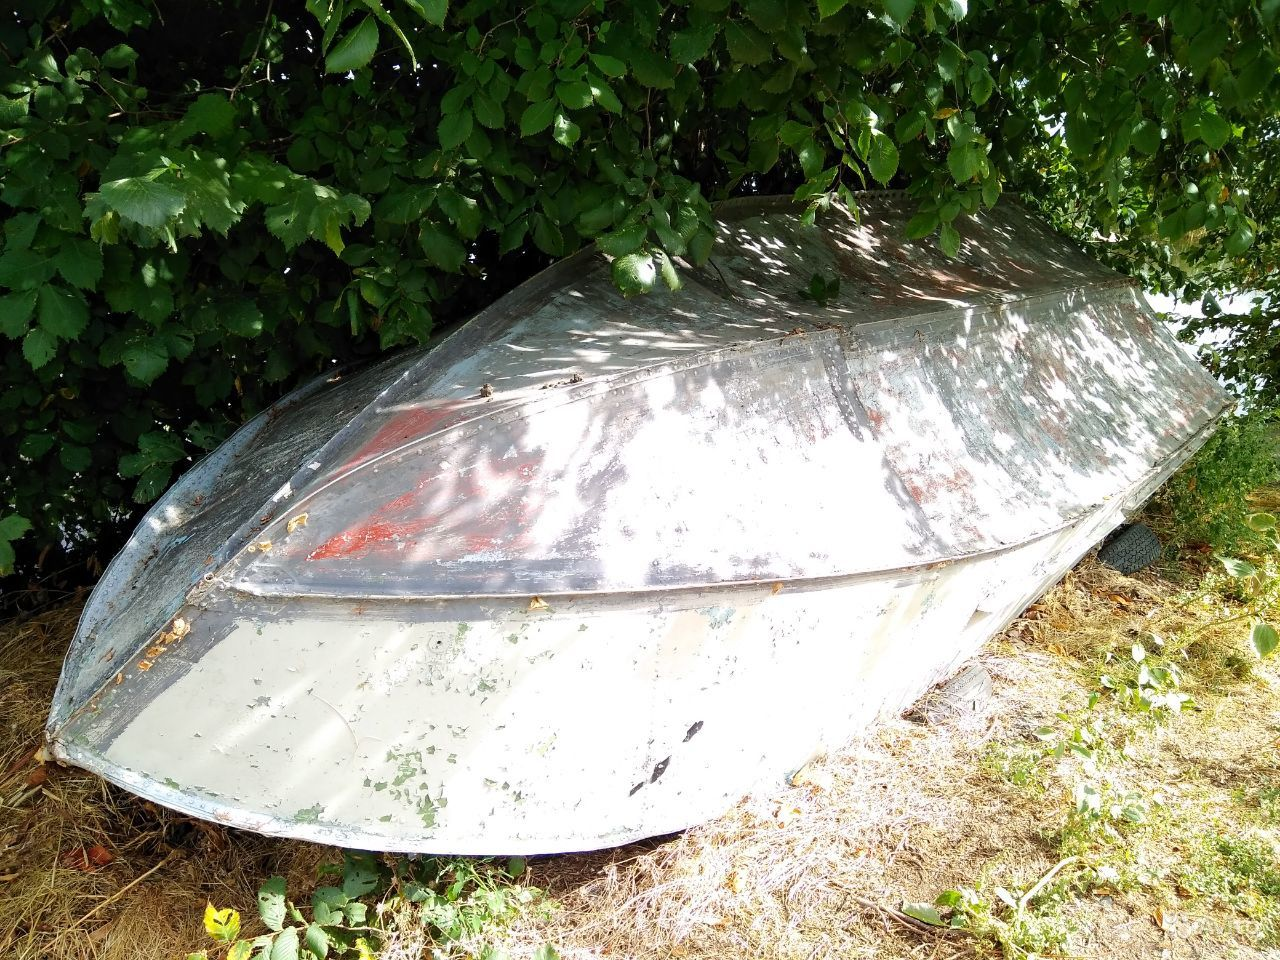 обертывания для моторная лодка прогресс с самодельной крышей фото геральдике олицетворяет